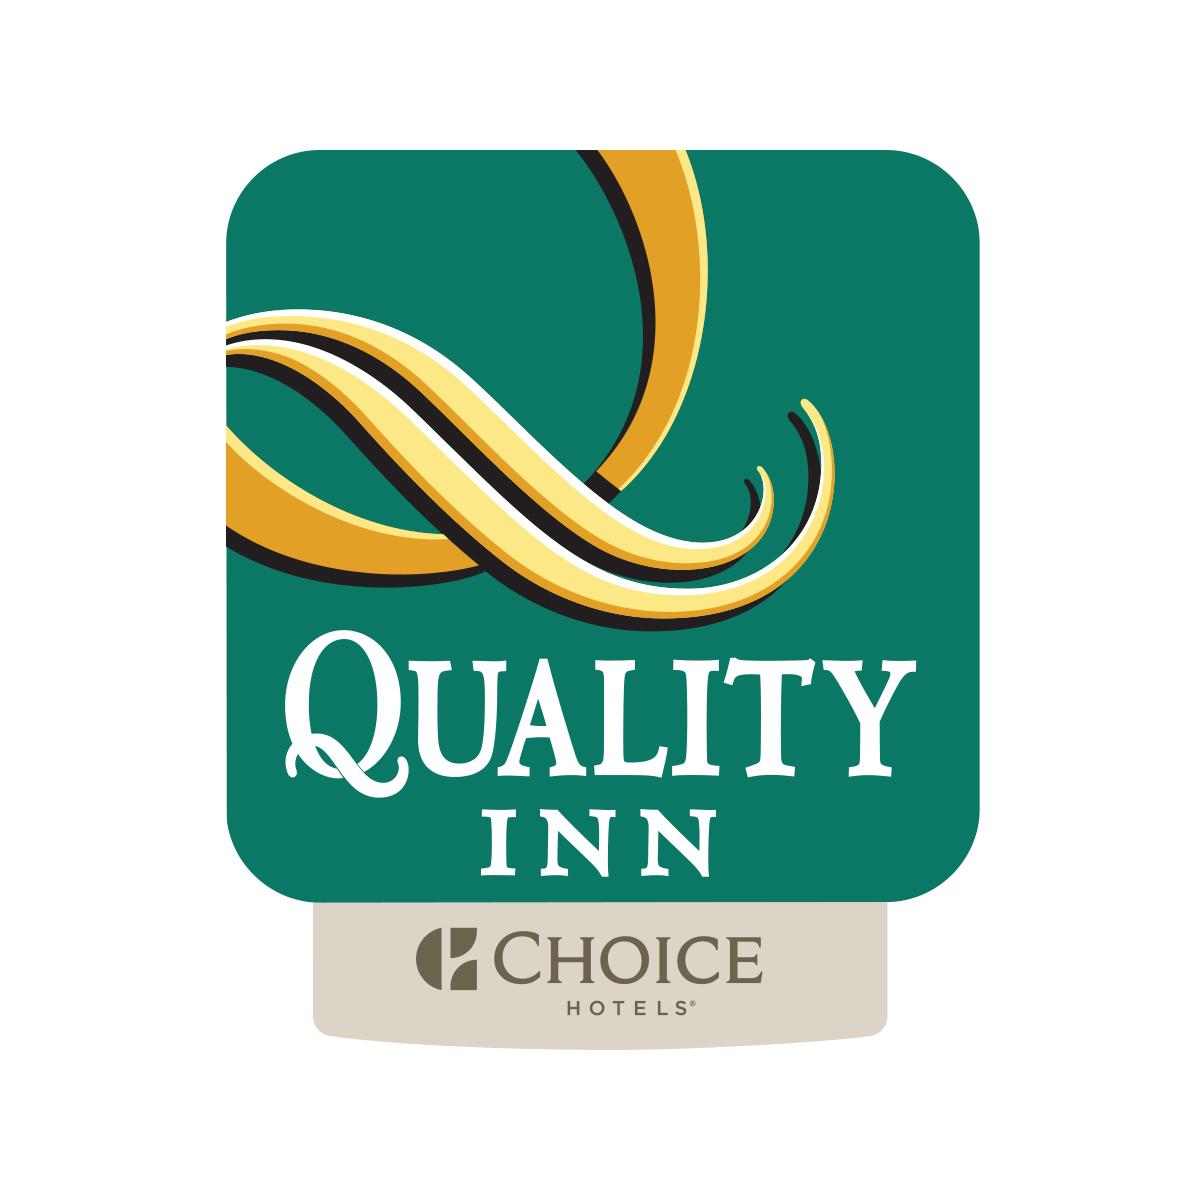 Quality Inn 2019 SMCB Logo.jpg